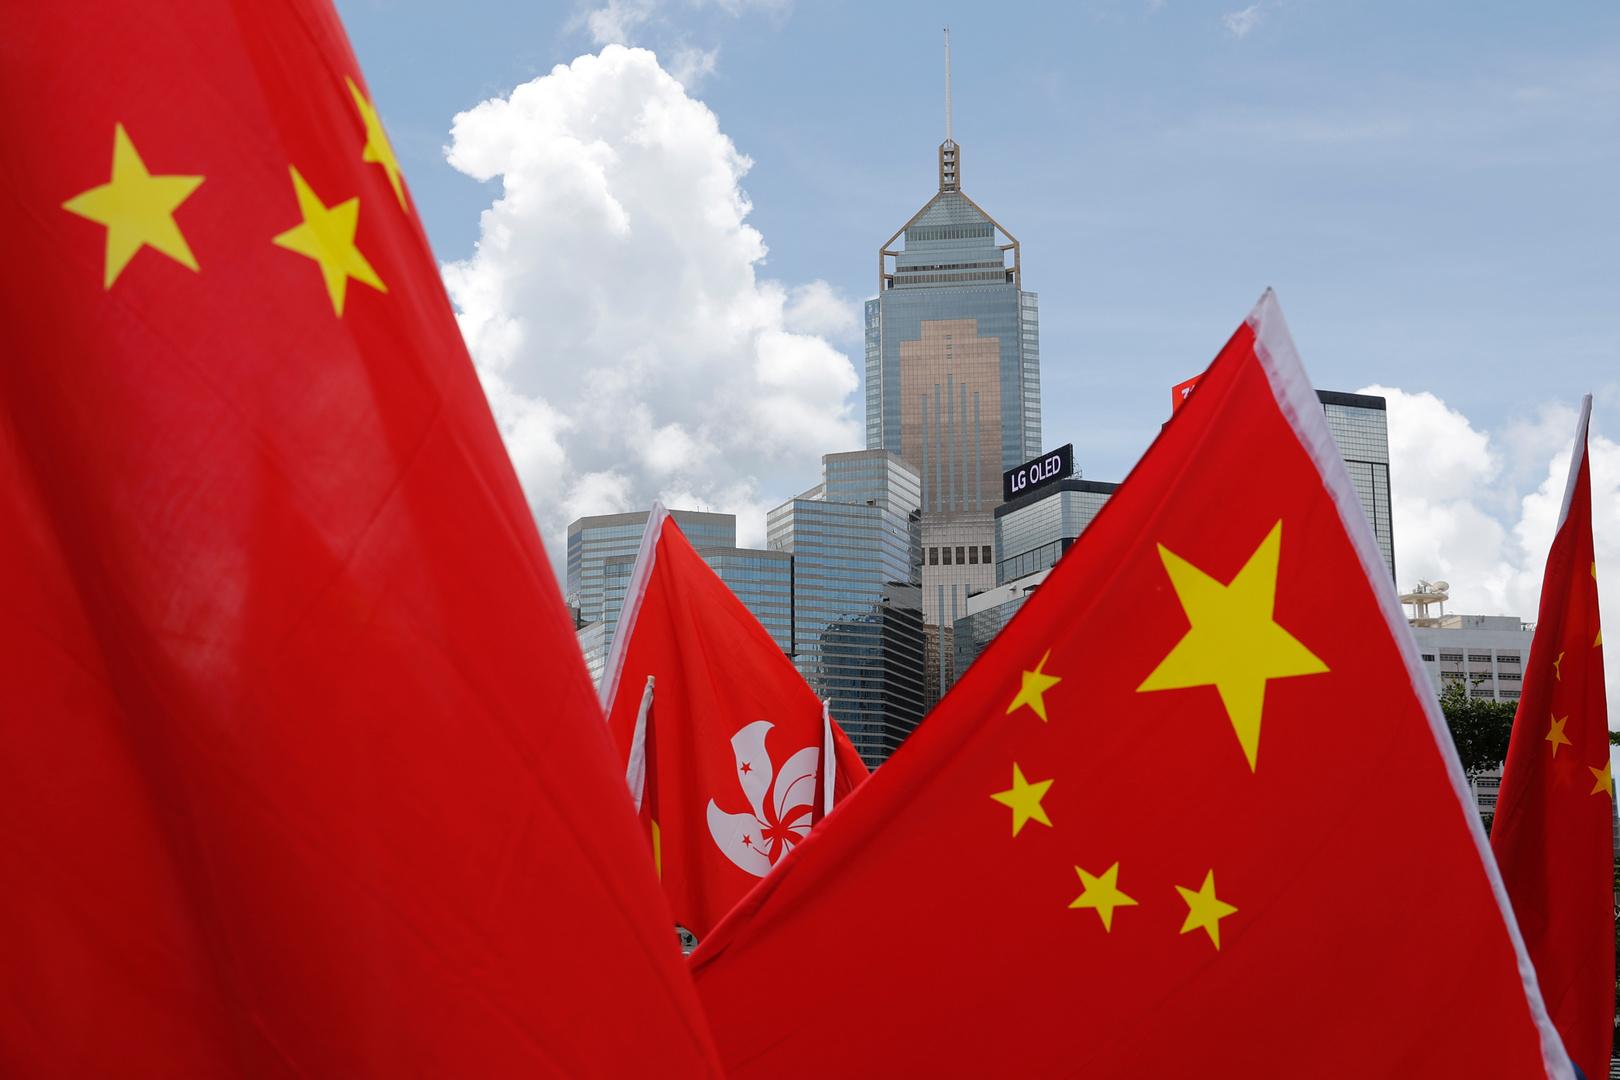 بكين تتوعد واشنطن بإجراءات مضادة